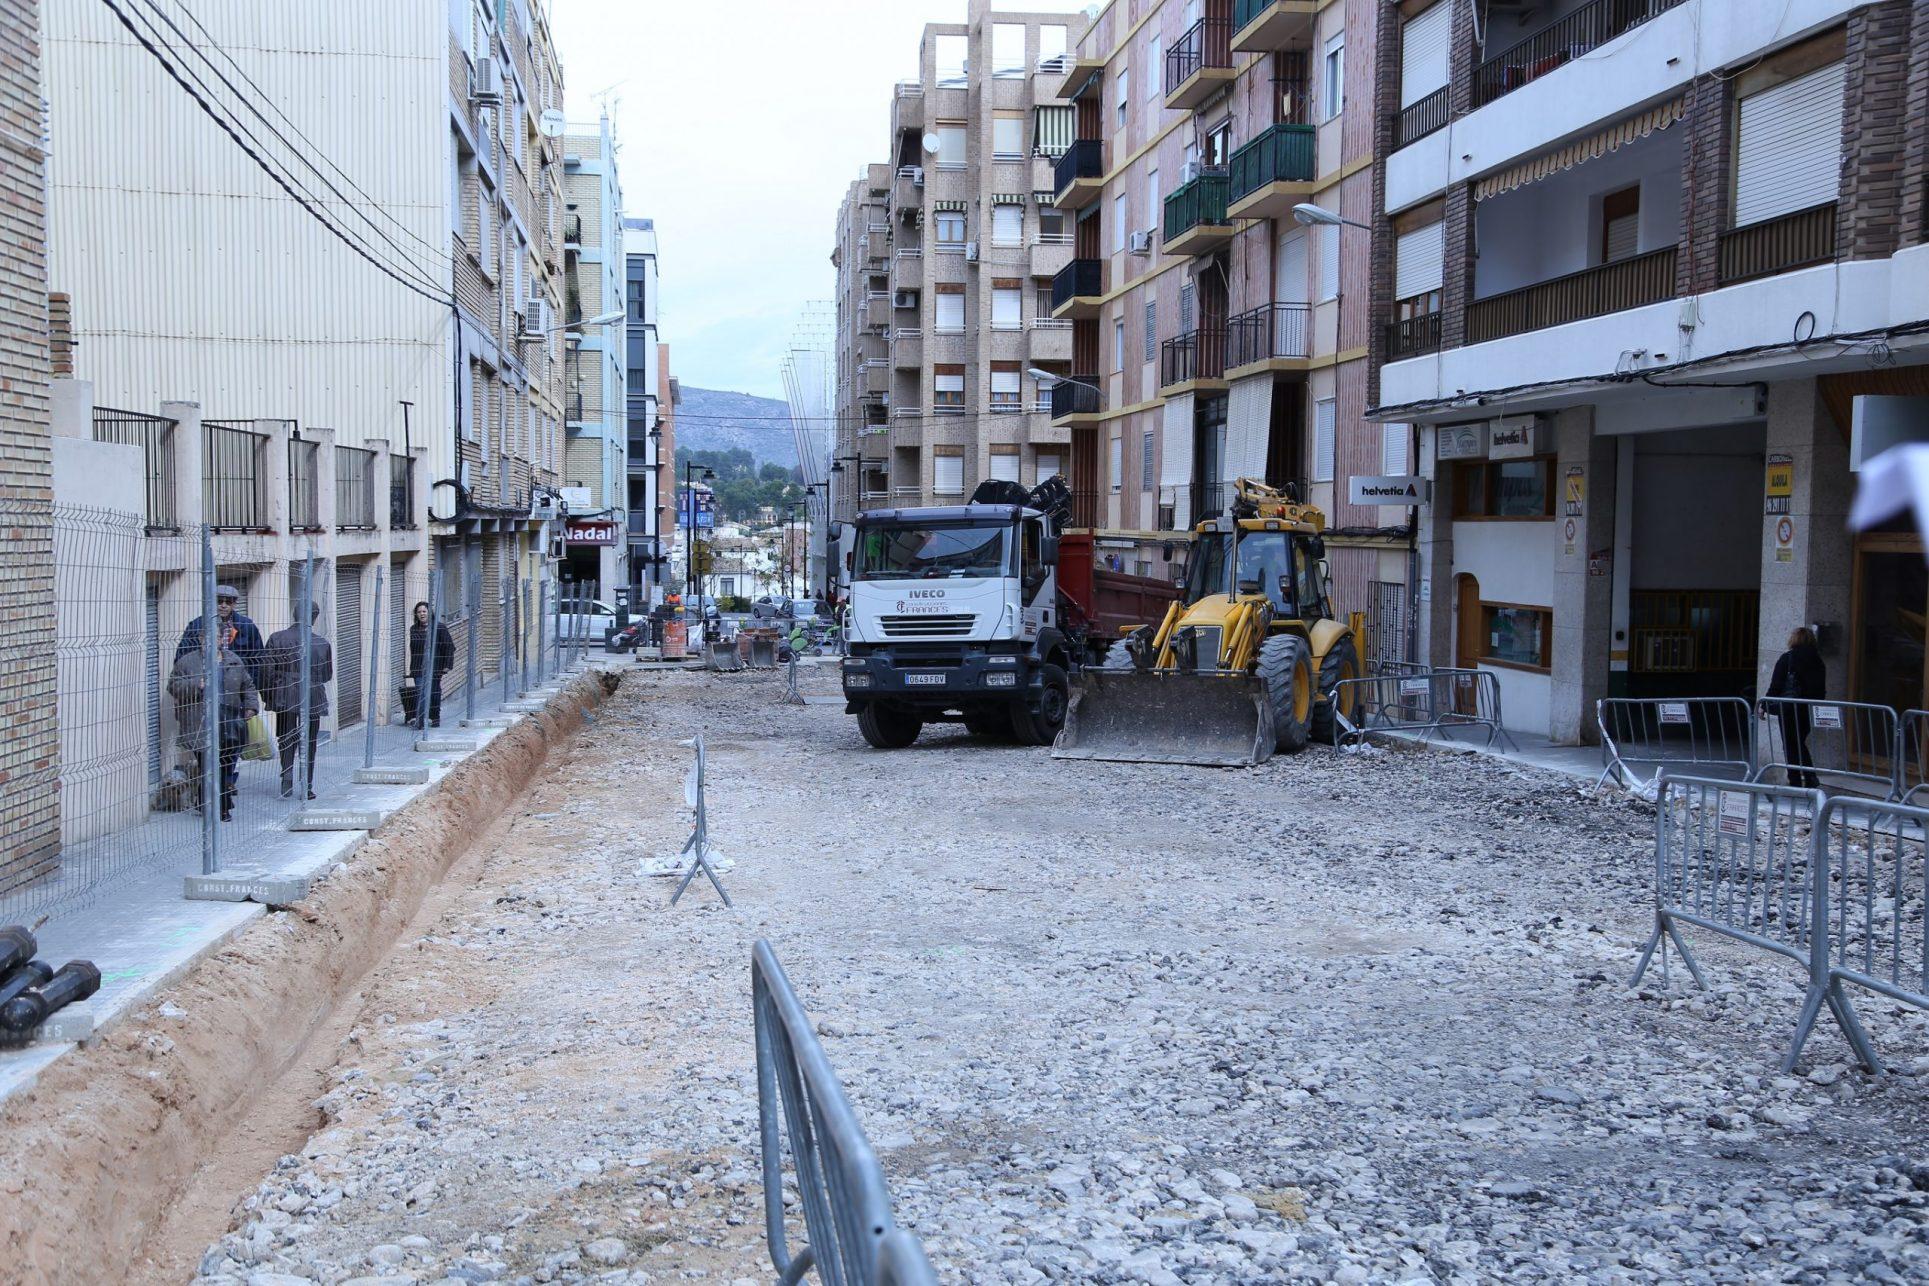 Reforma de carrers: seguir amb PintorSegrellesi demanen renovar José S. Marín El Periòdic d'Ontinyent - Noticies a Ontinyent